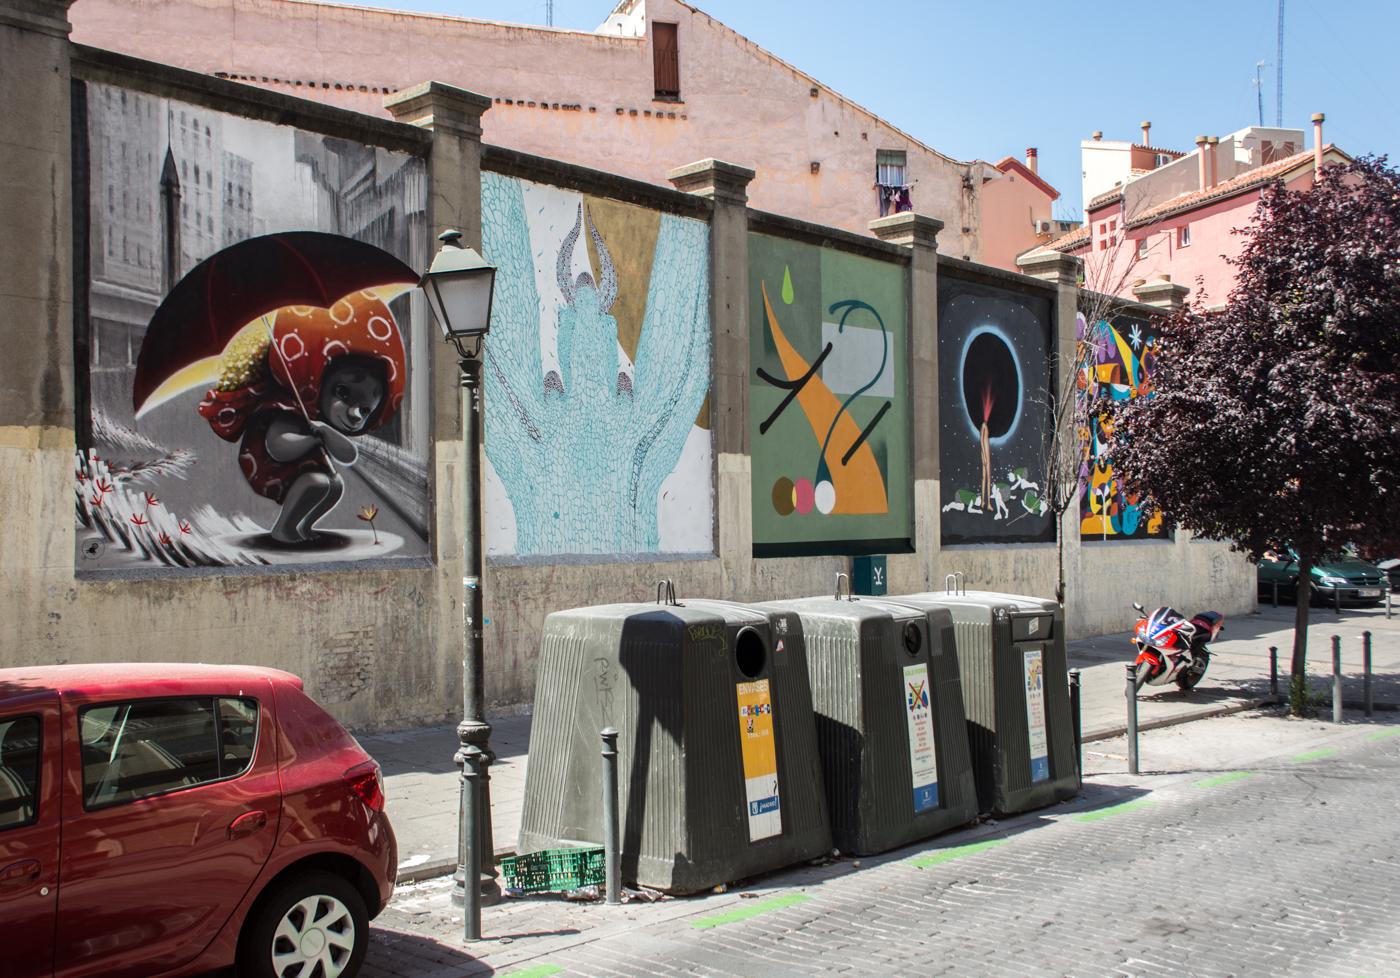 Conjunto - MurosTabacalera by Guillermo de la Madrid - Madrid Street Art Project final-005.jpg